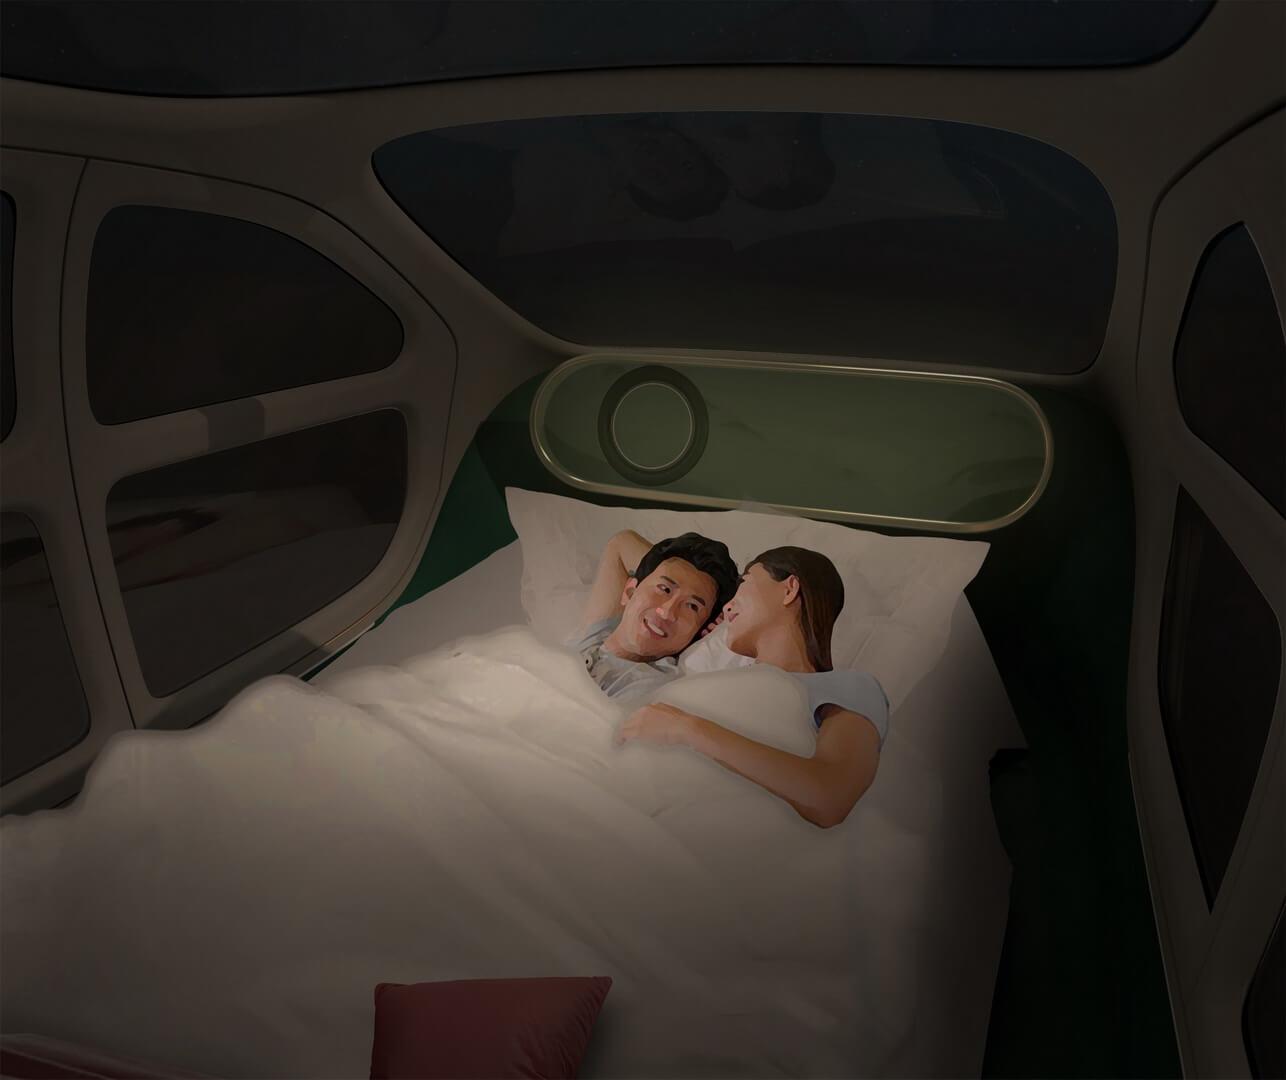 Интерьер автомобиля также можно превратить в спальню, так как сиденья полностью откидываются, образуя двуспальную кровать